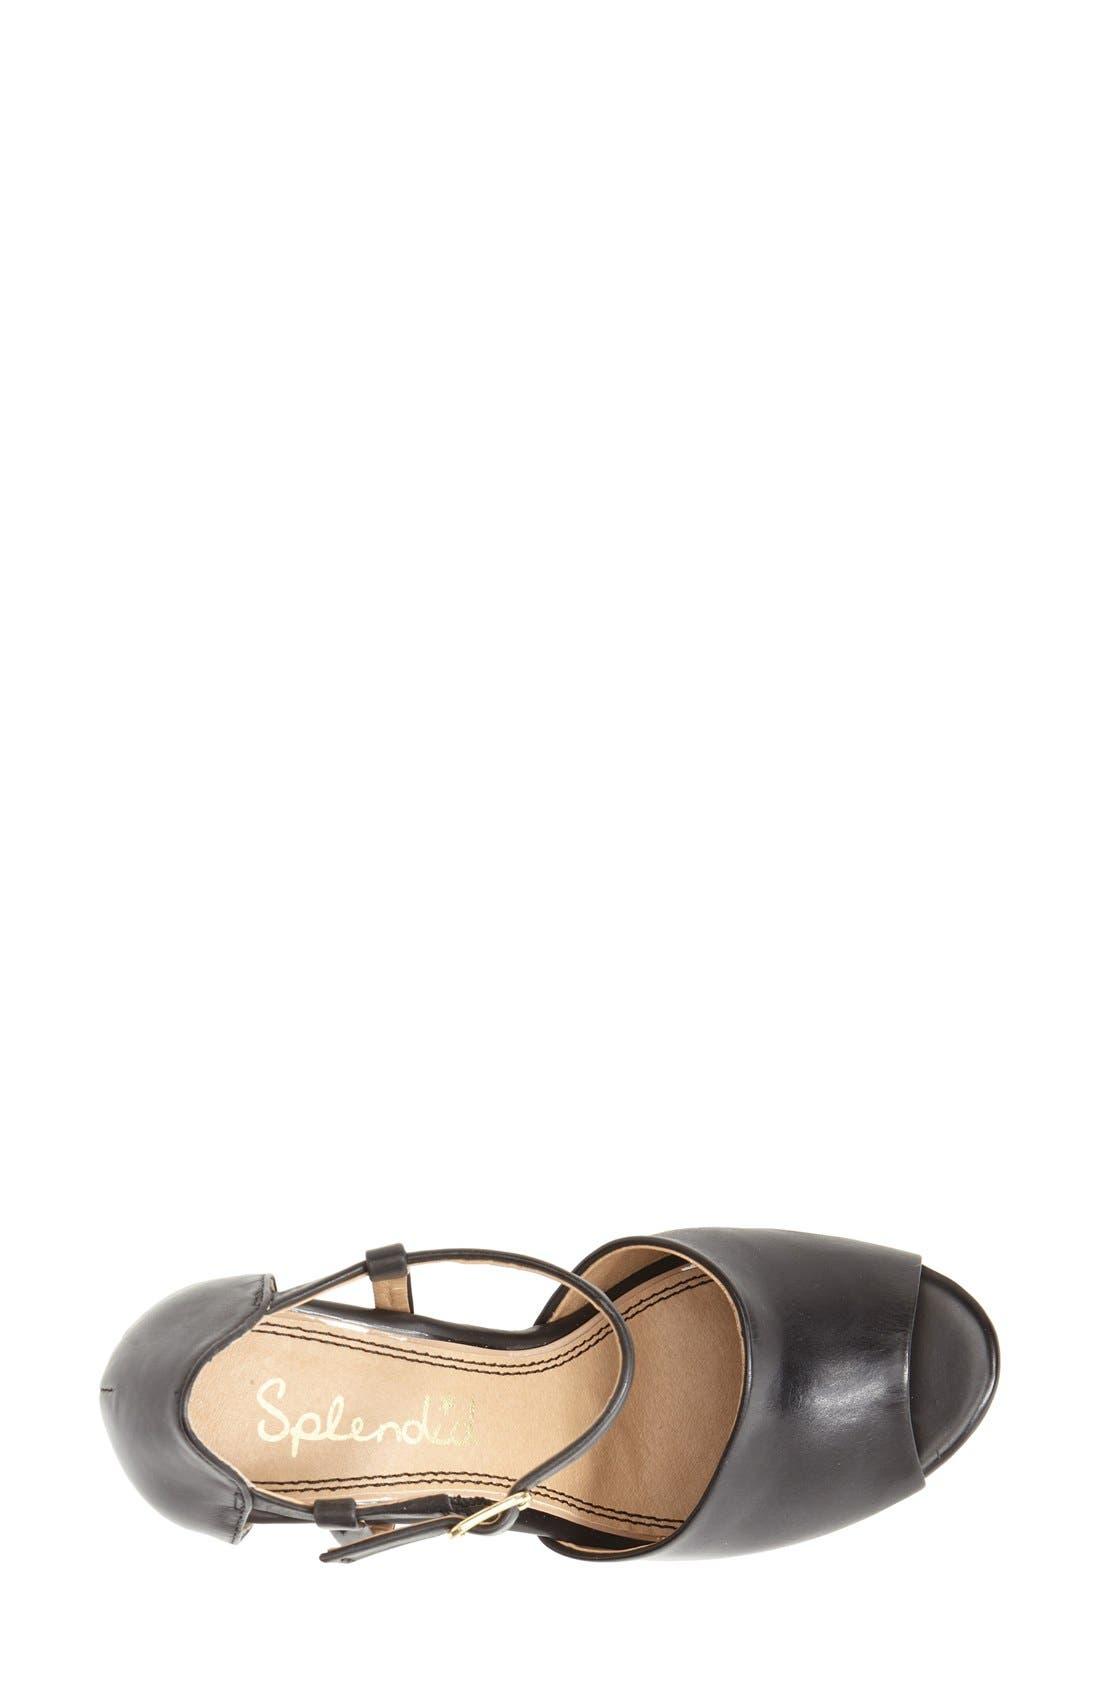 Alternate Image 3  - Splendid 'Davie' Leather Ankle Strap Wedge Sandal (Women)